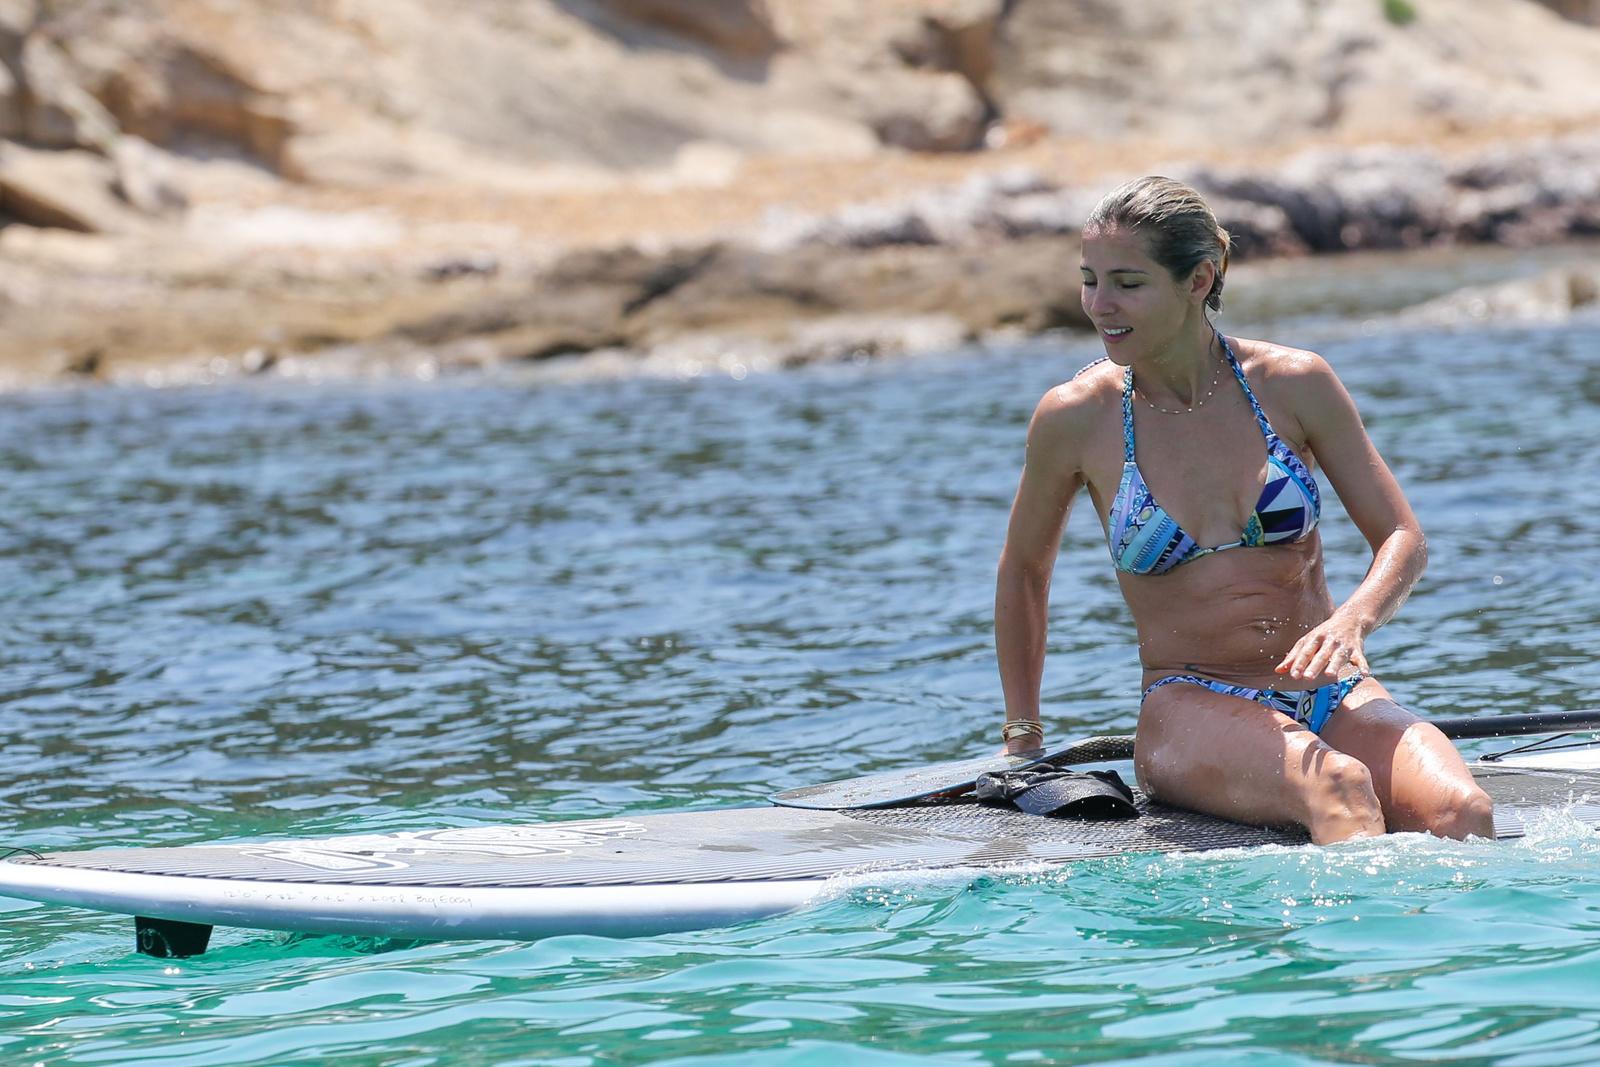 Эльза Патаки в голубом купальнике на Корсике